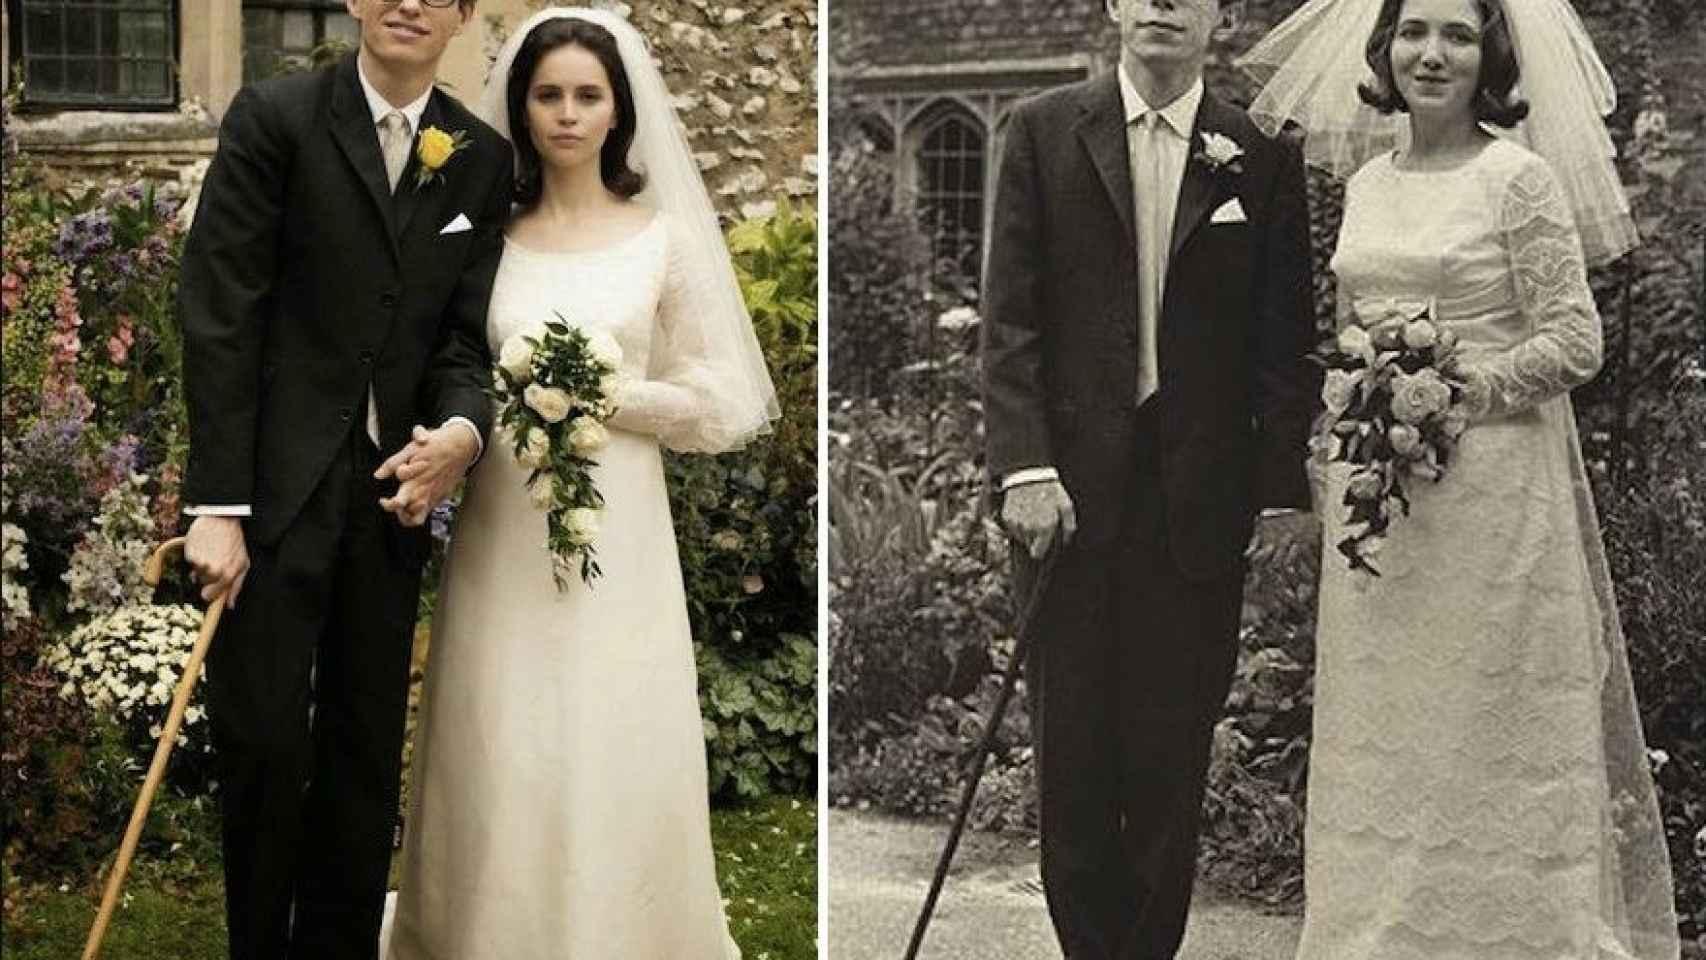 La boda de Stephen Hawking con Jane Wilde, en el que el físico tuvo que sostenerse con un bastón dados los primeros síntomas de su enfermedad. La escena se recreó en la película 'La teoría del Todo'.